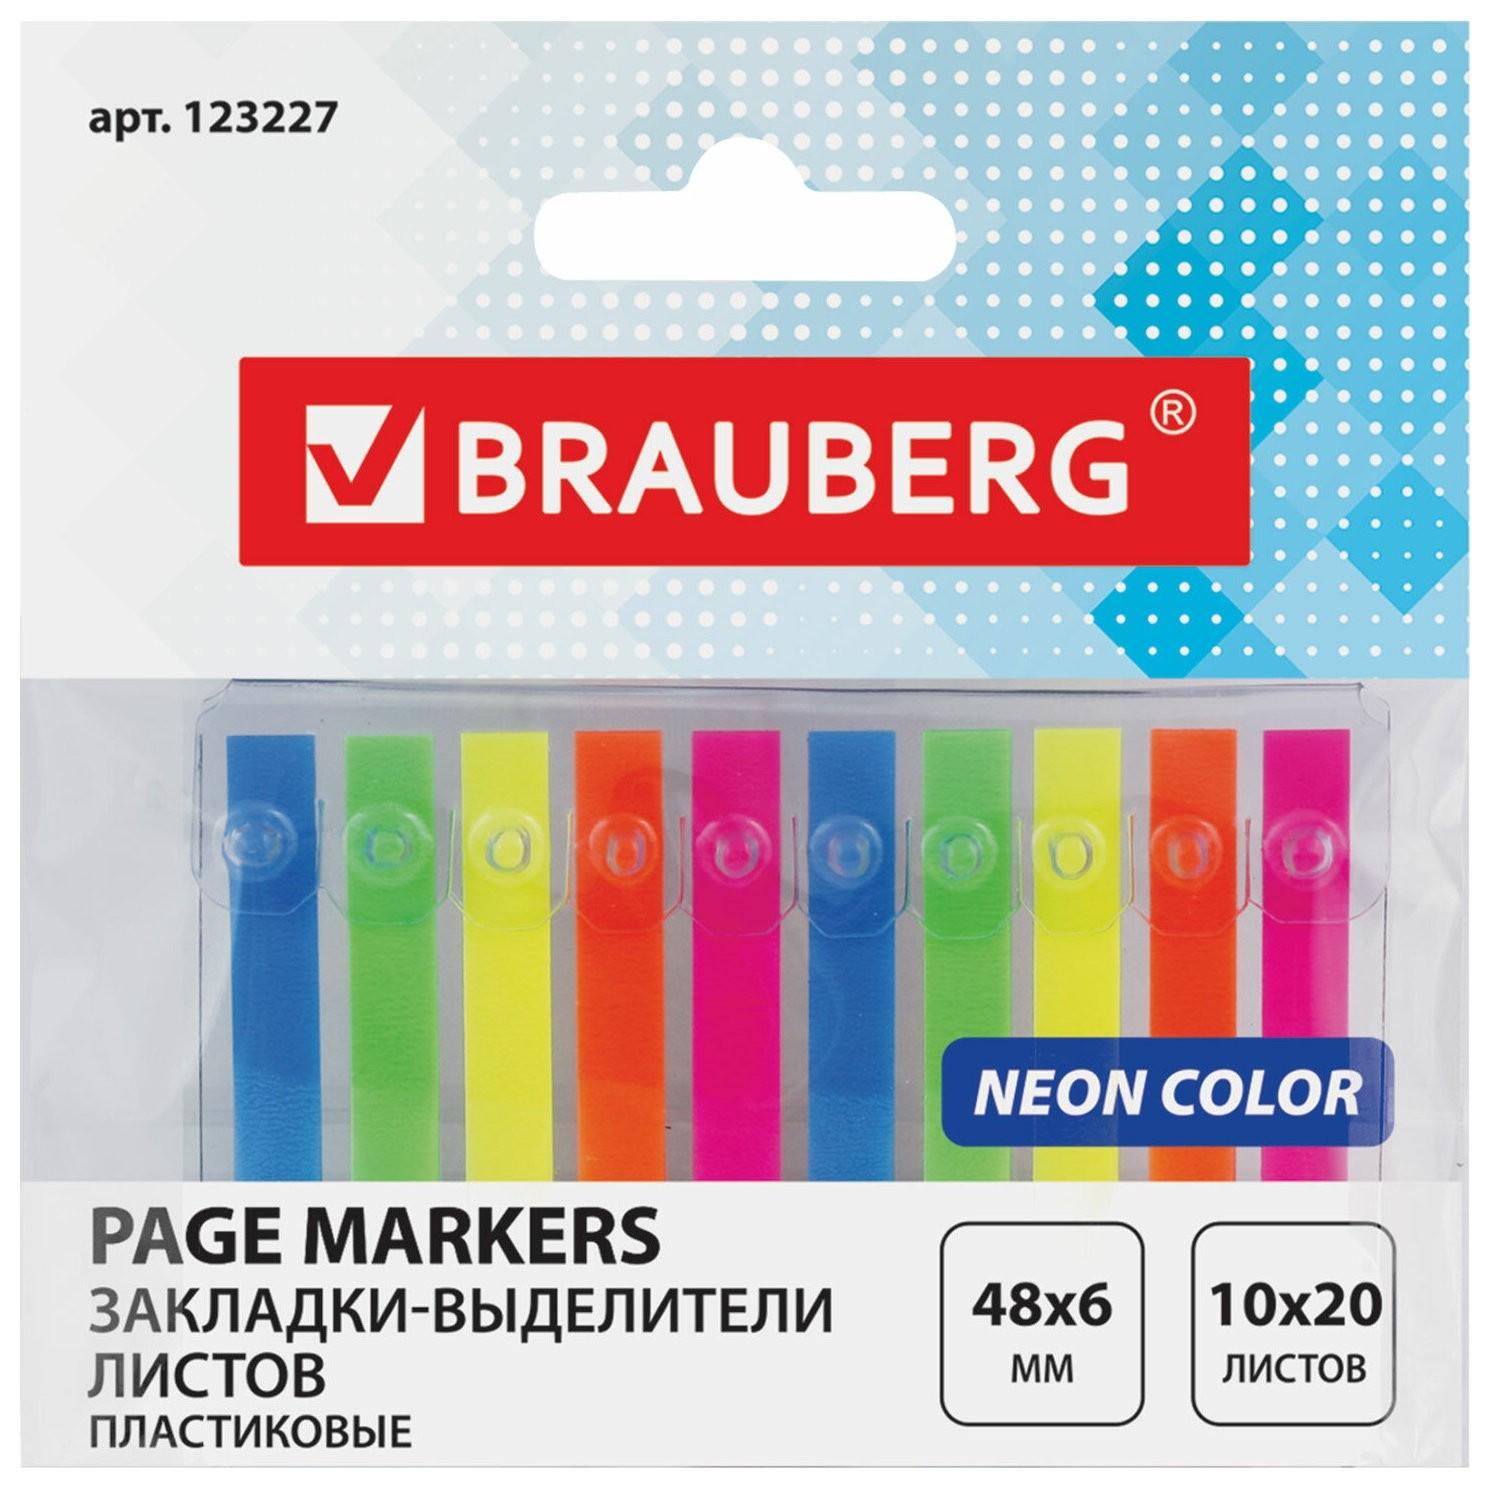 Закладки-выделители листов клейкие Brauberg, неоновые пластиковые, 48х6 мм, 10 цветов х 20 листов  Brauberg